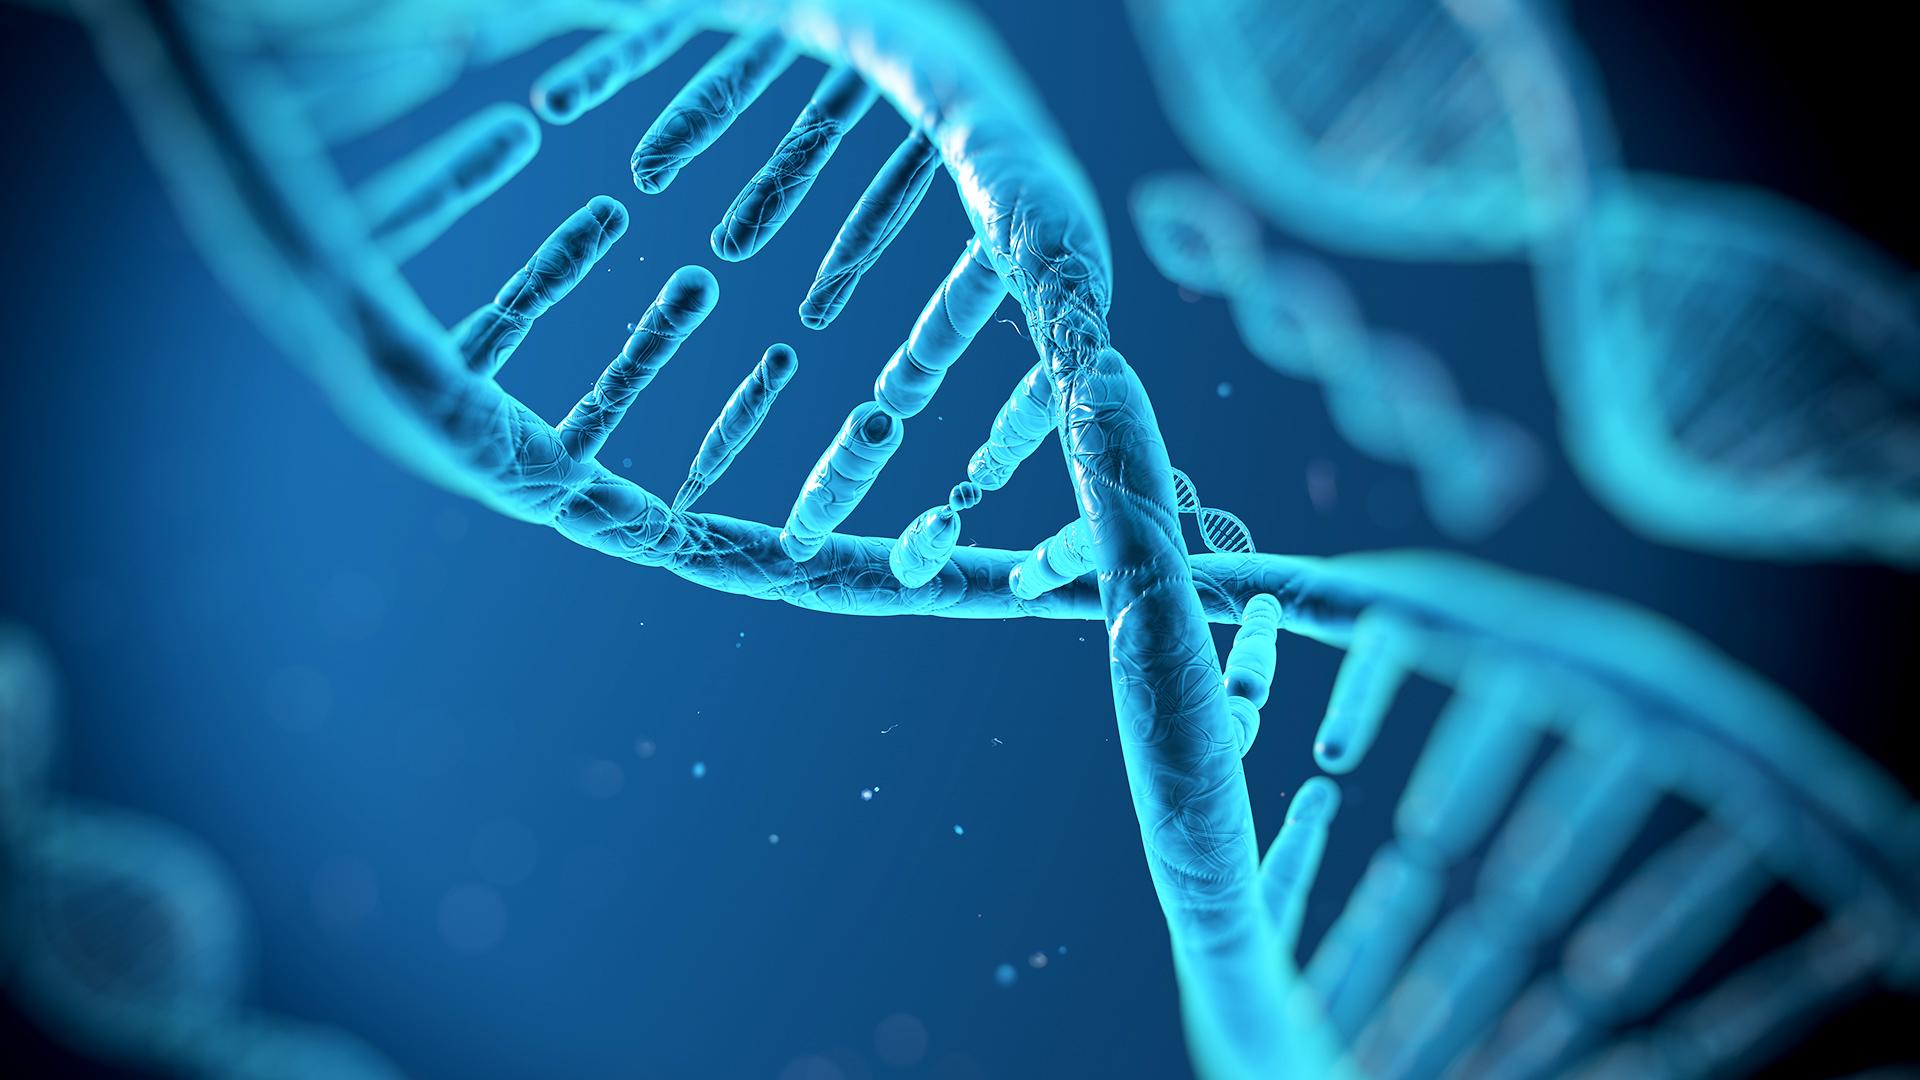 Τι είναι το DNA και γιορτάζει σήμερα;